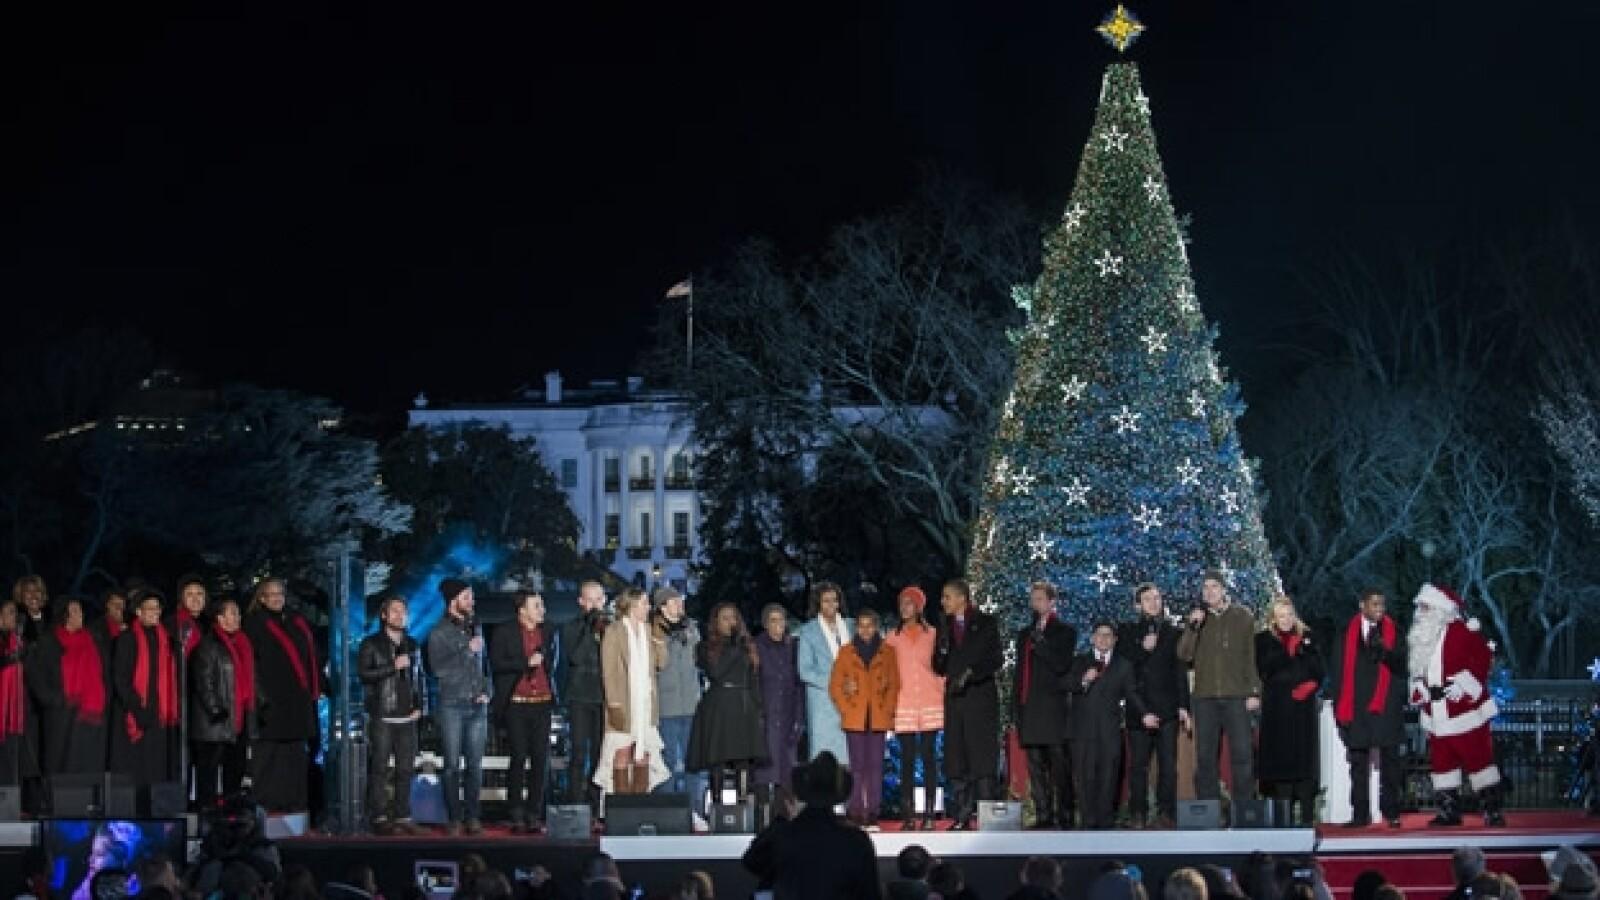 arbol de navidad, casa blanca